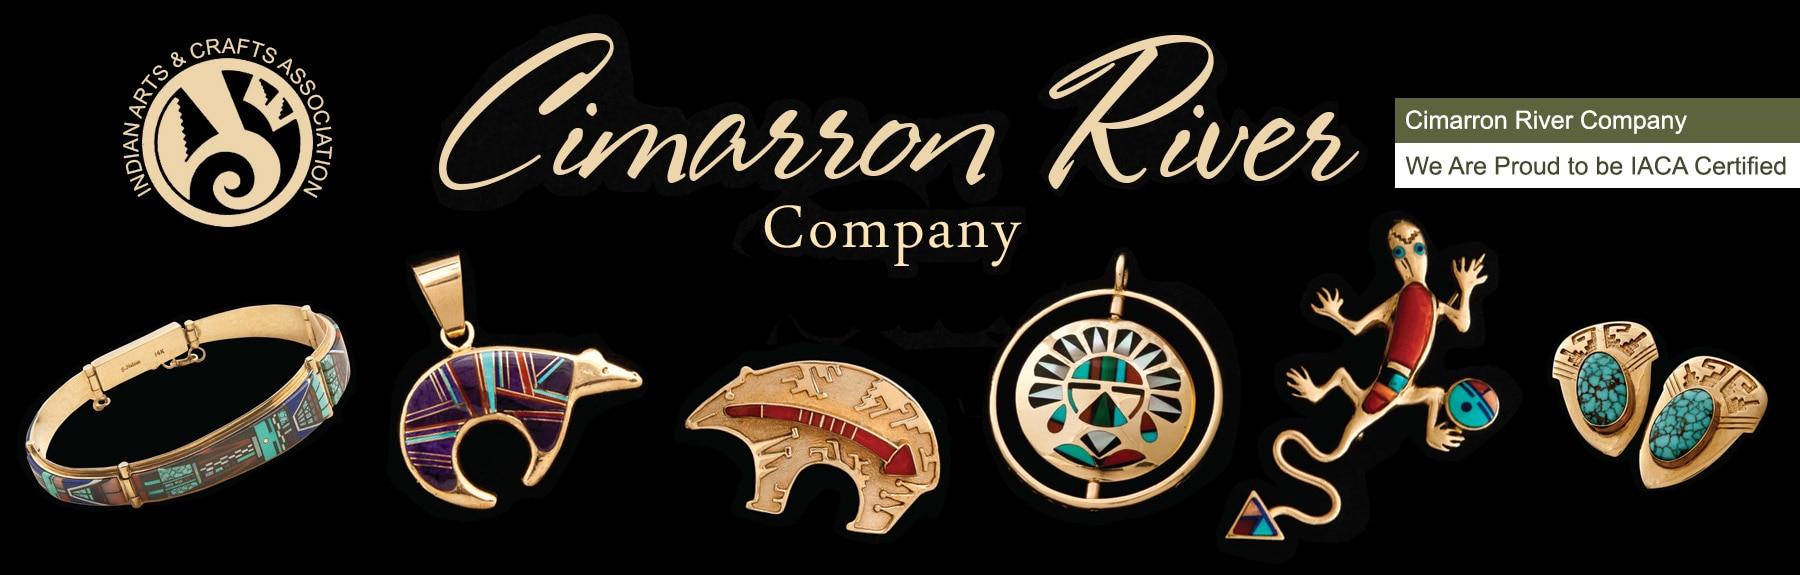 Cimarron River Company